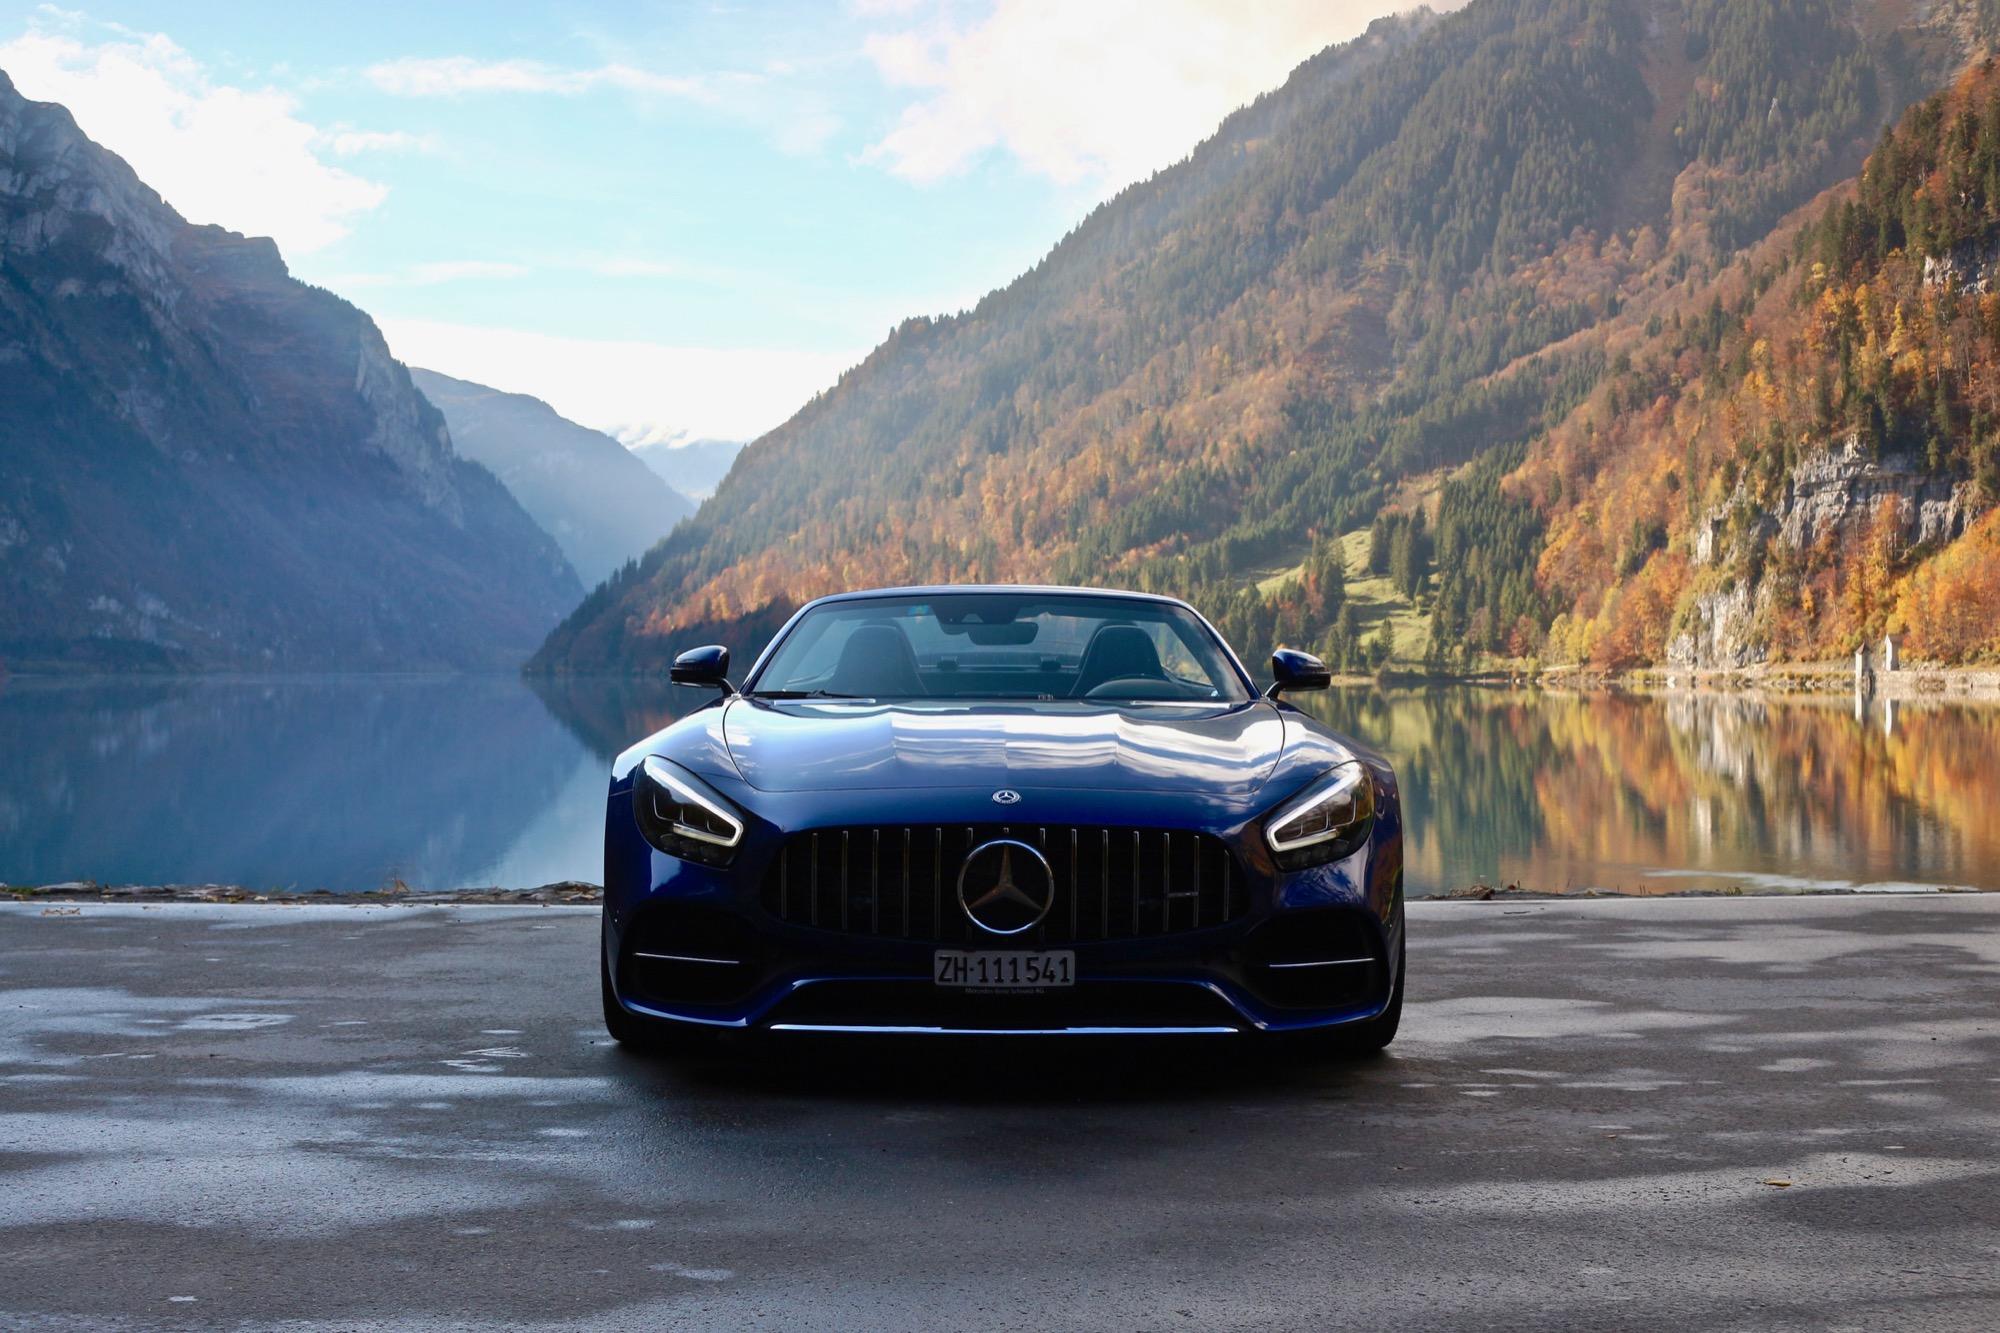 2019 Mercedes AMG GT C Roadster